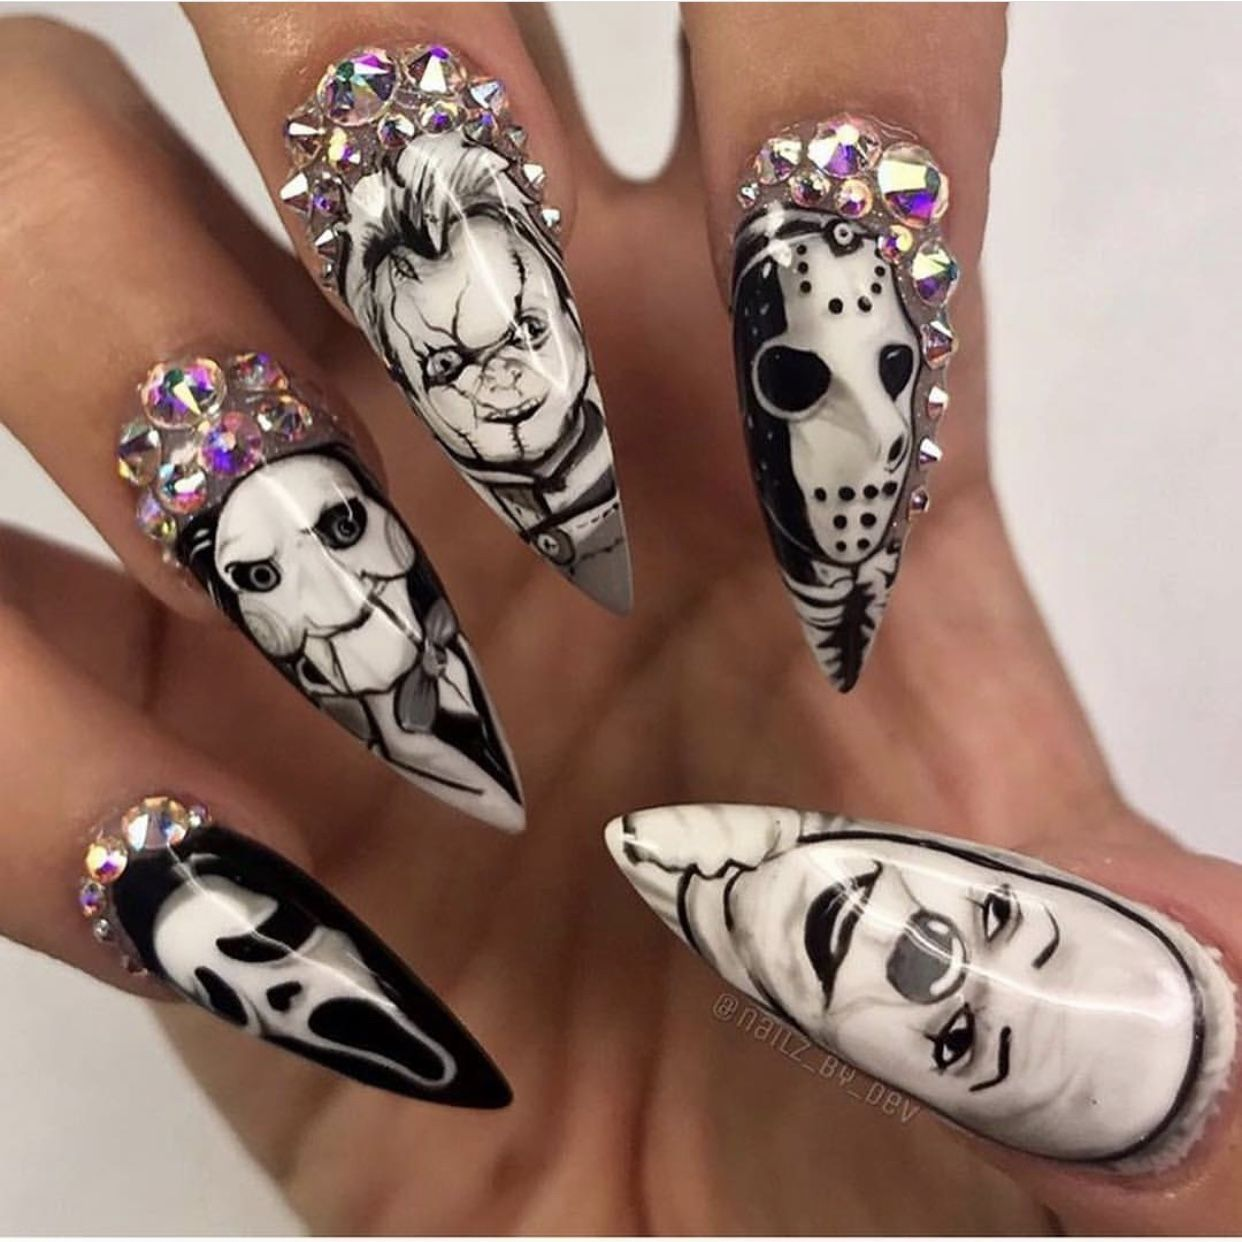 35 skull killer nail art designs forecasting to wear for spring in 2019